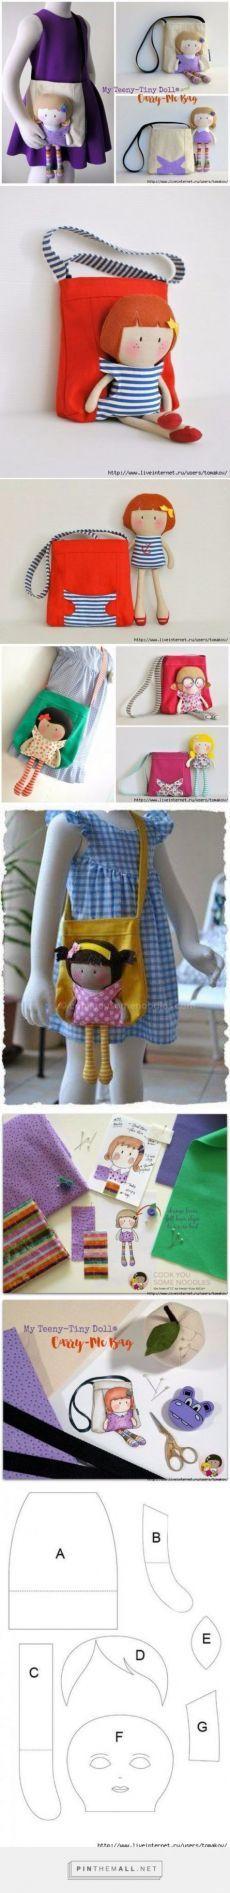 instructions to doll patterns Oyuncak bez bebek yapmak ablonlu anlatm olarak bu yazmda yer alyor. Sizde ok gzel ve elenceli Sewing For Kids, Diy For Kids, Basic Sewing, Doll Patterns, Sewing Patterns, Sewing Crafts, Sewing Projects, Diy Crafts, Creation Couture